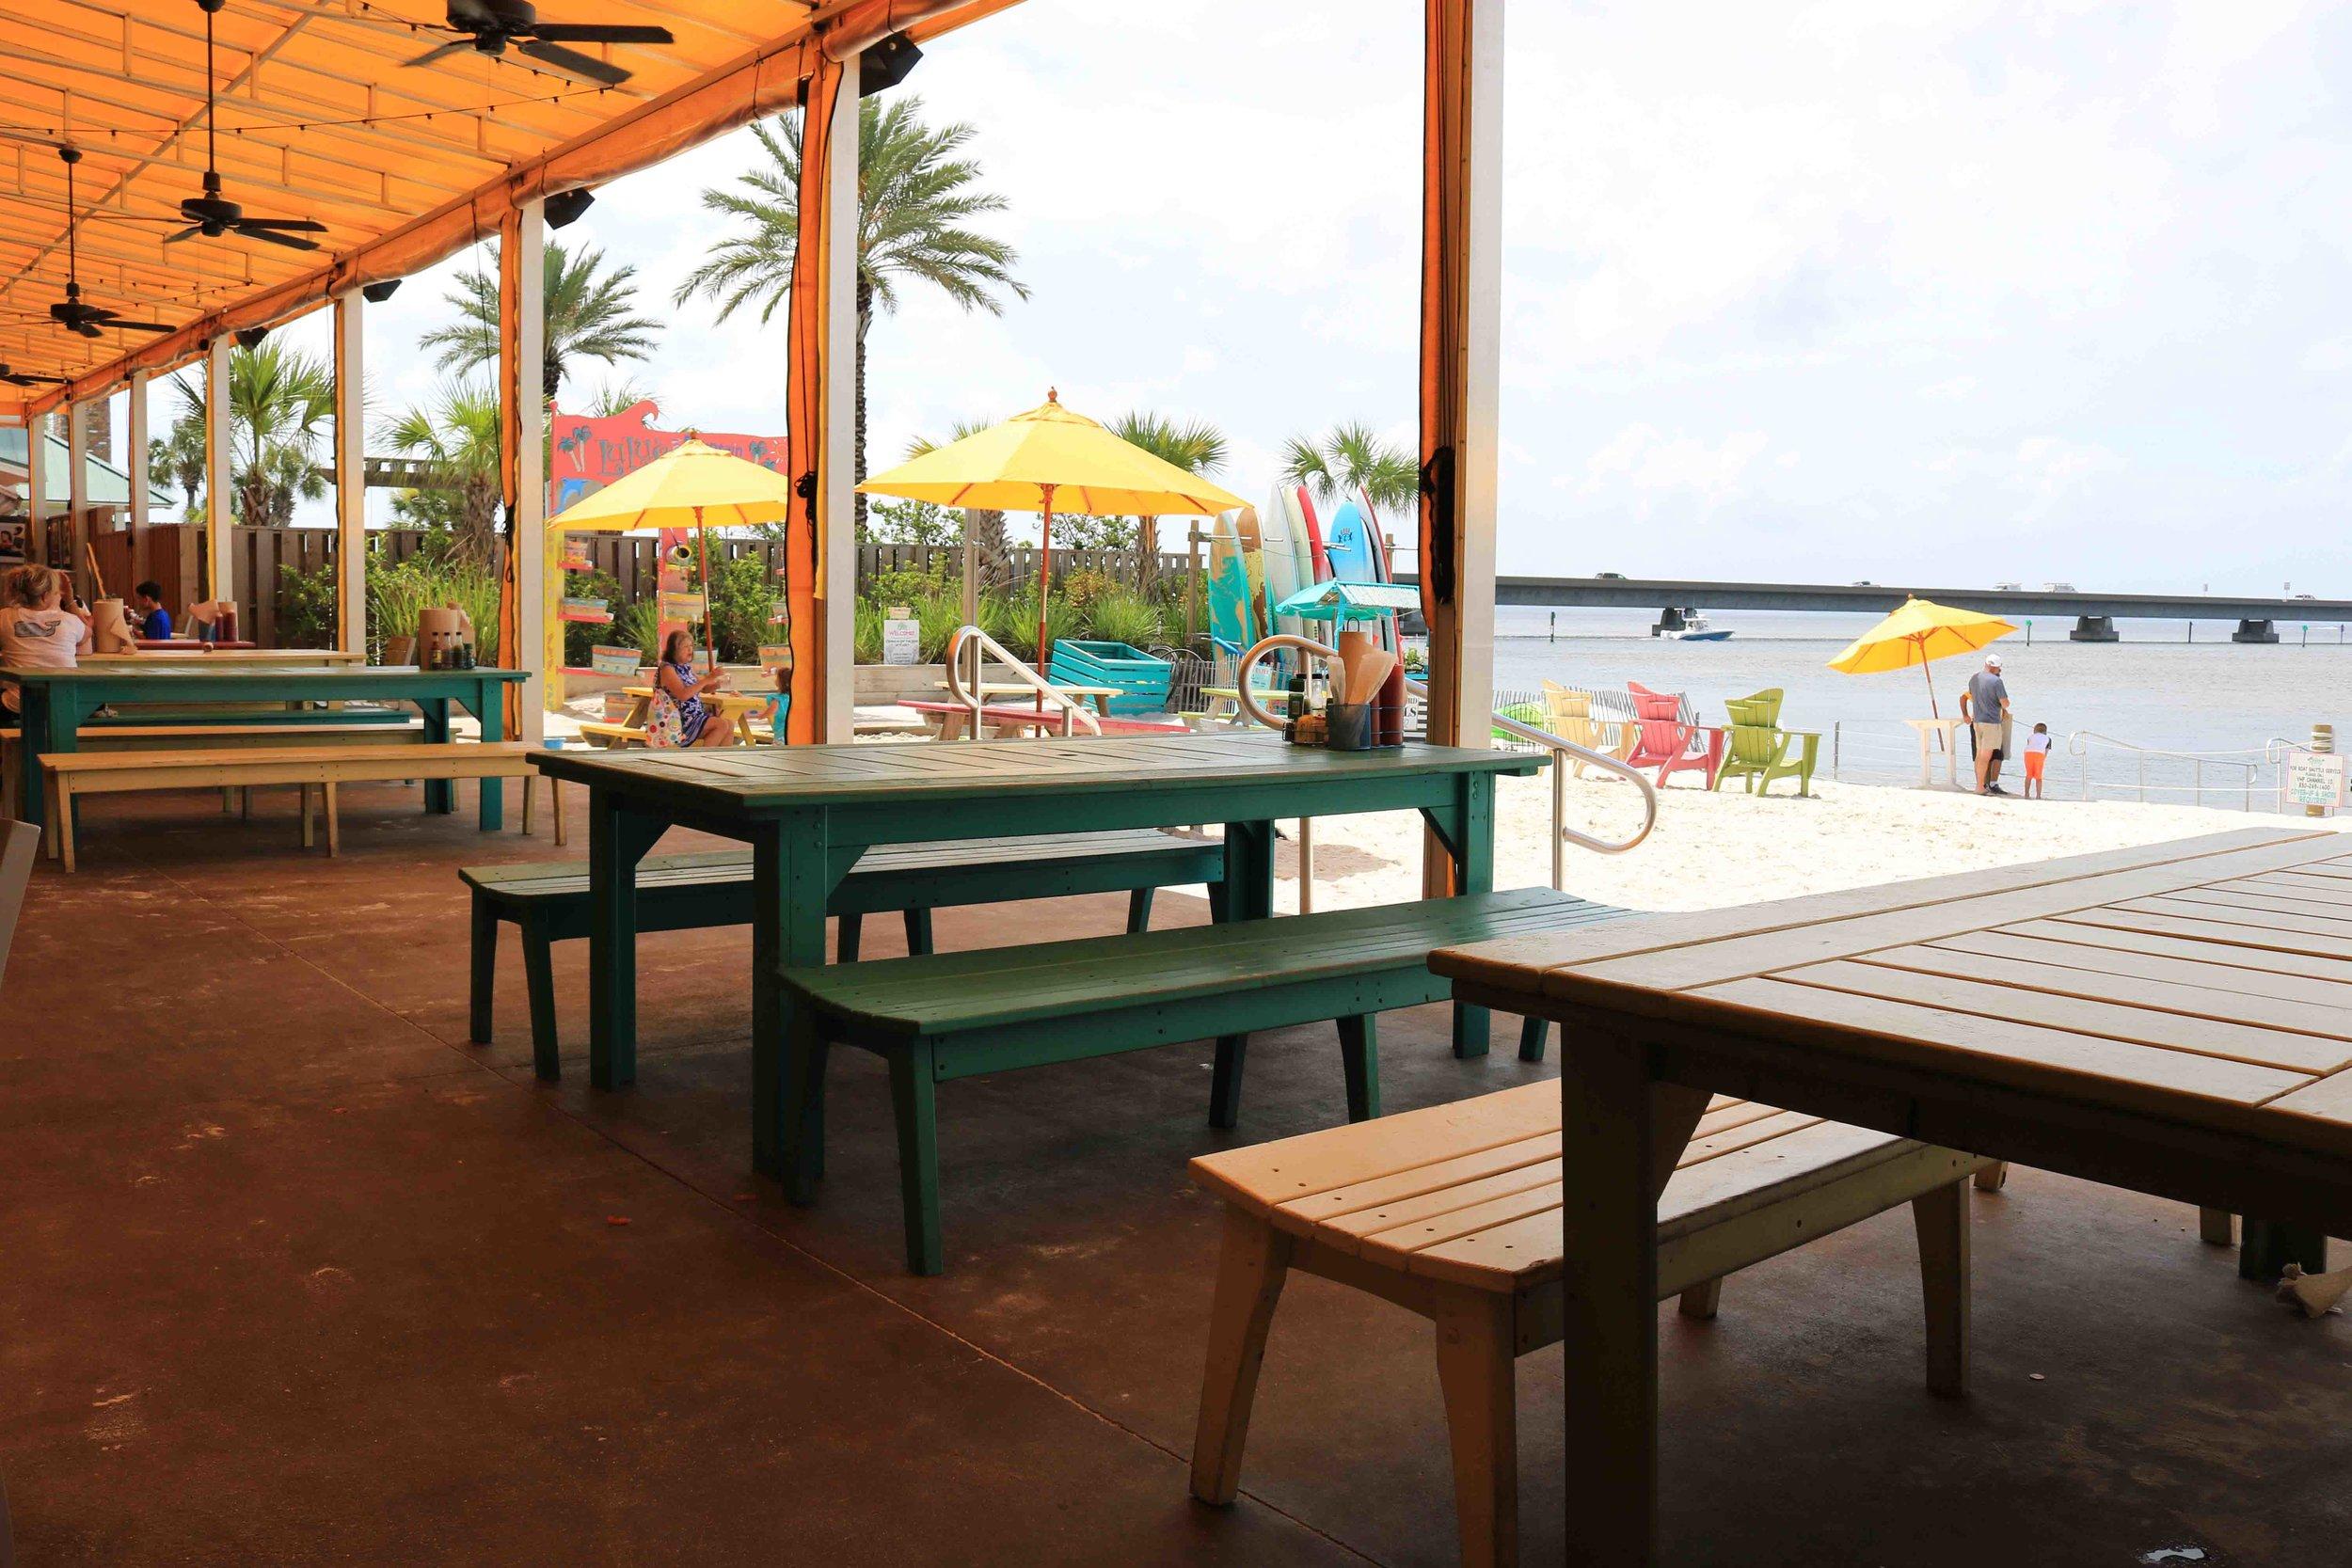 LuLu's Outside Beach Area